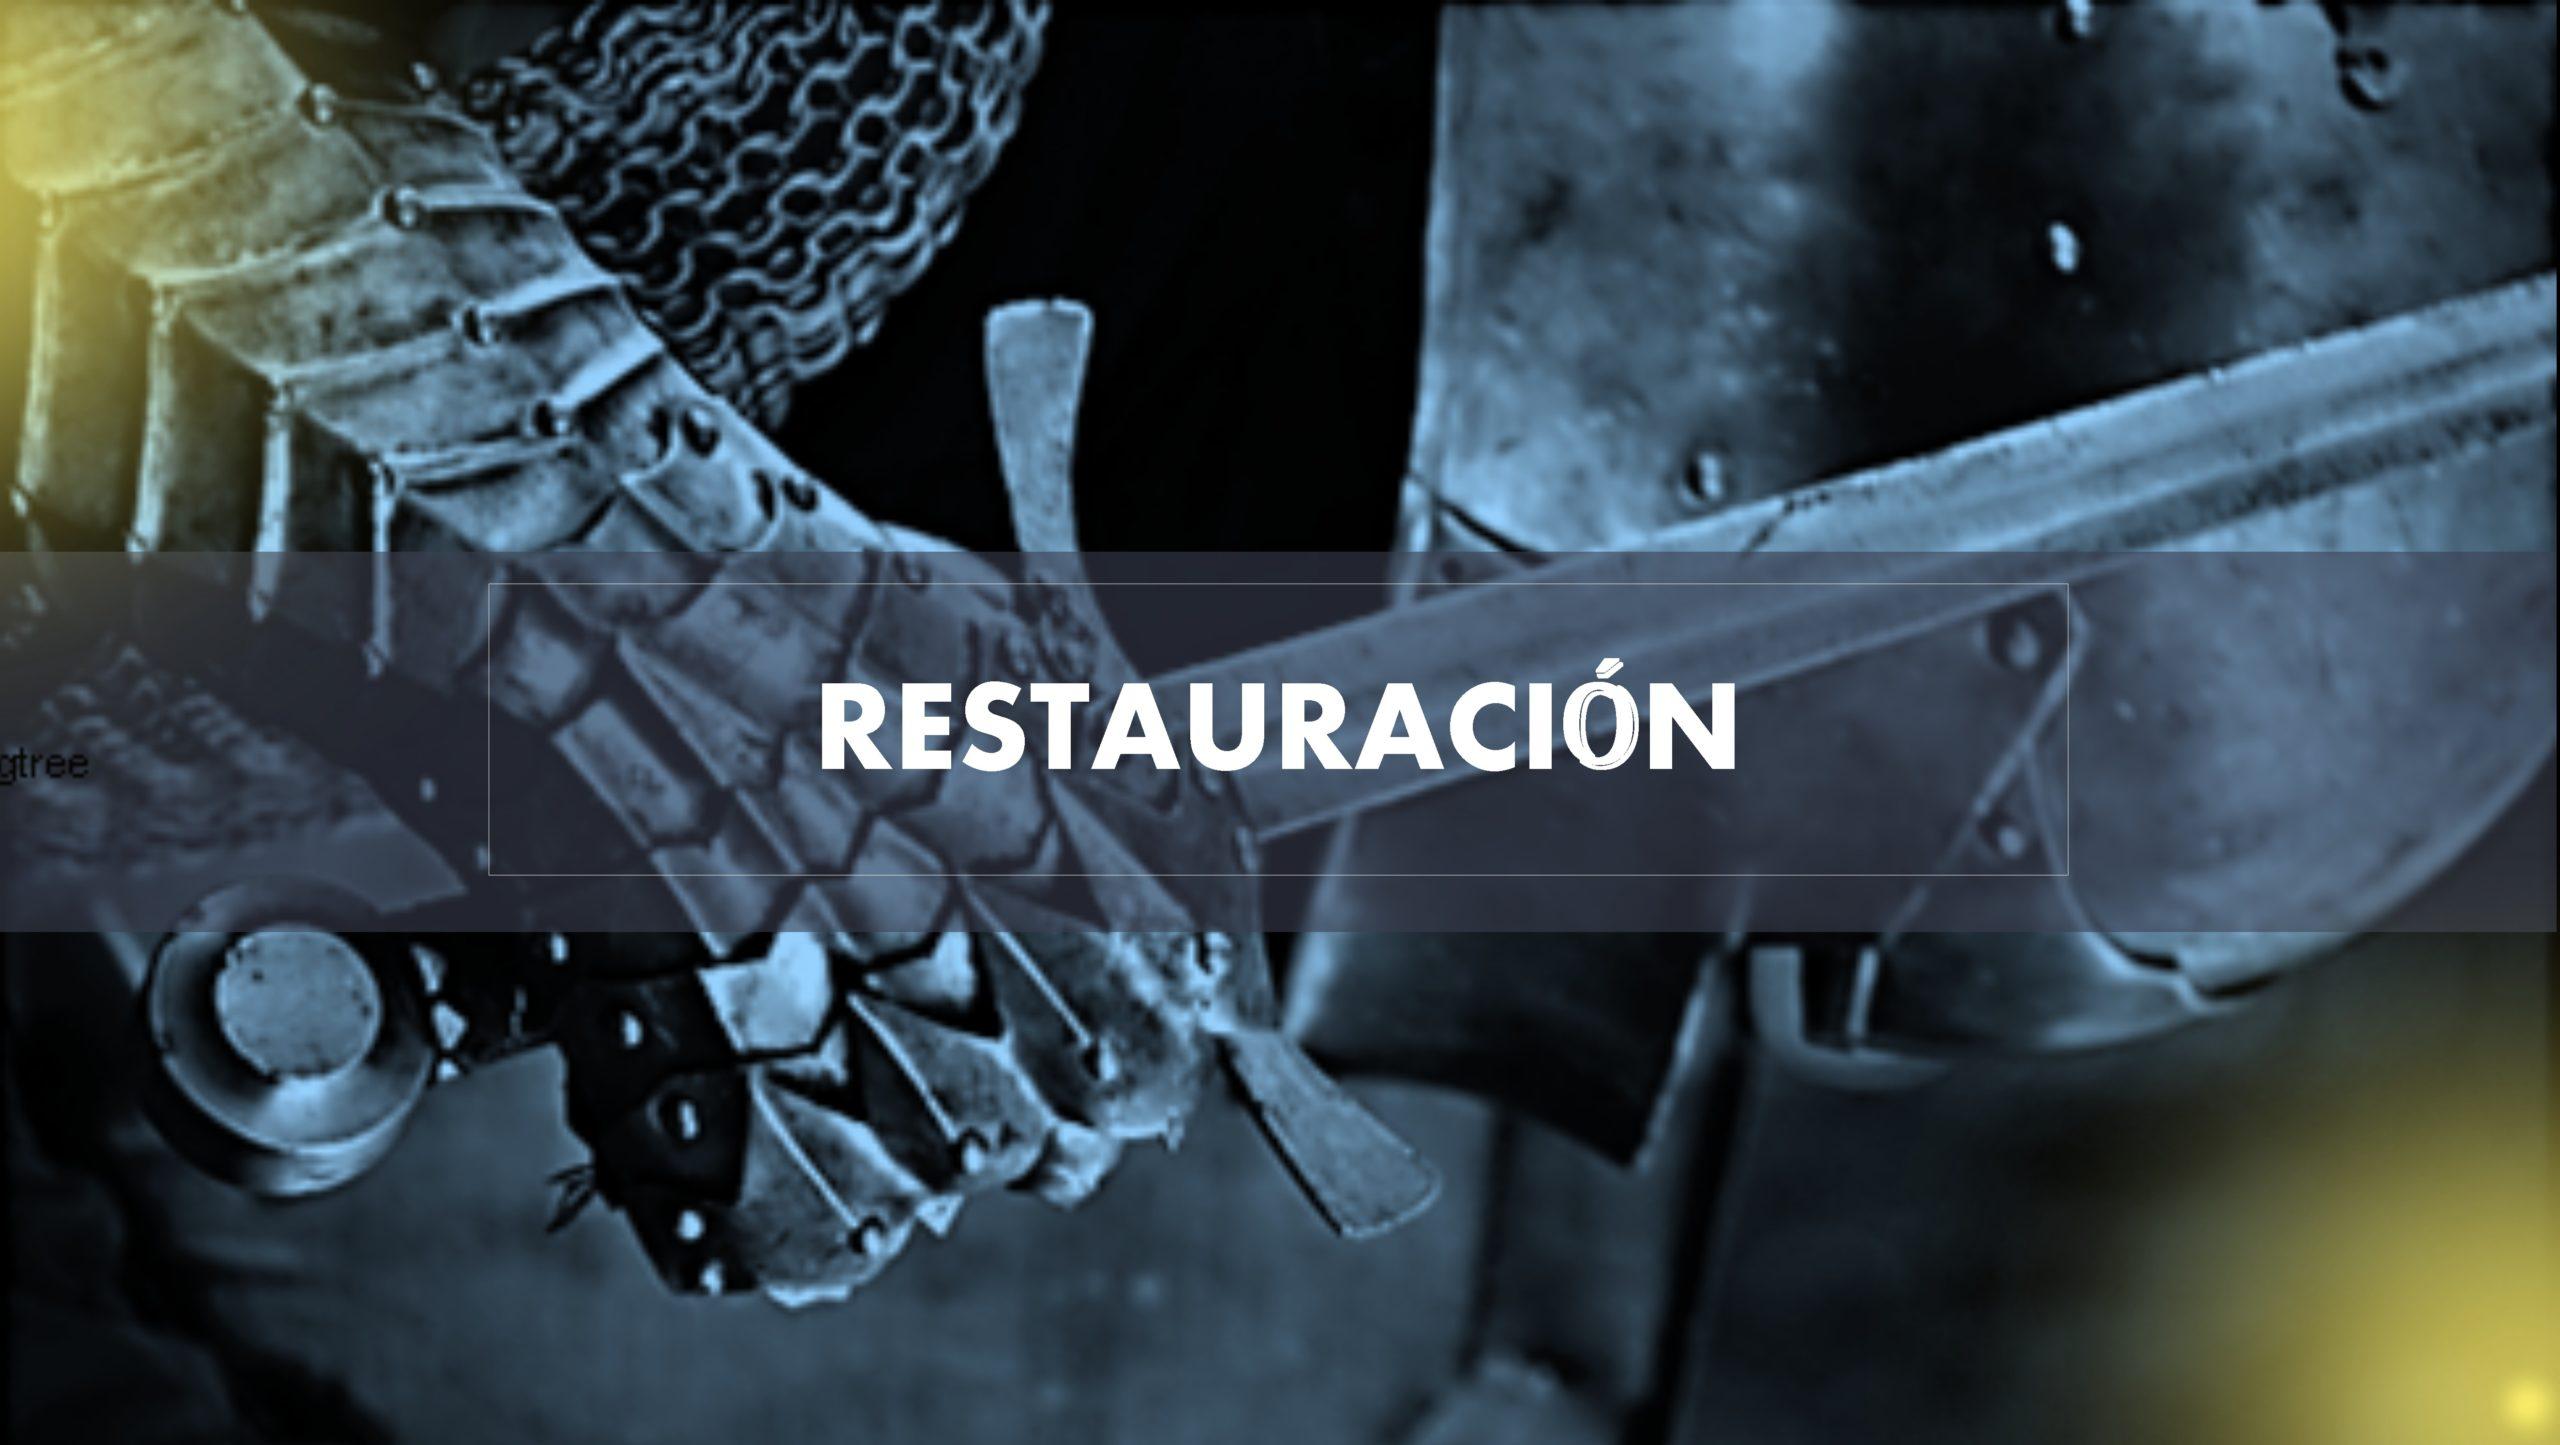 DEVOCIONAL: Restauración